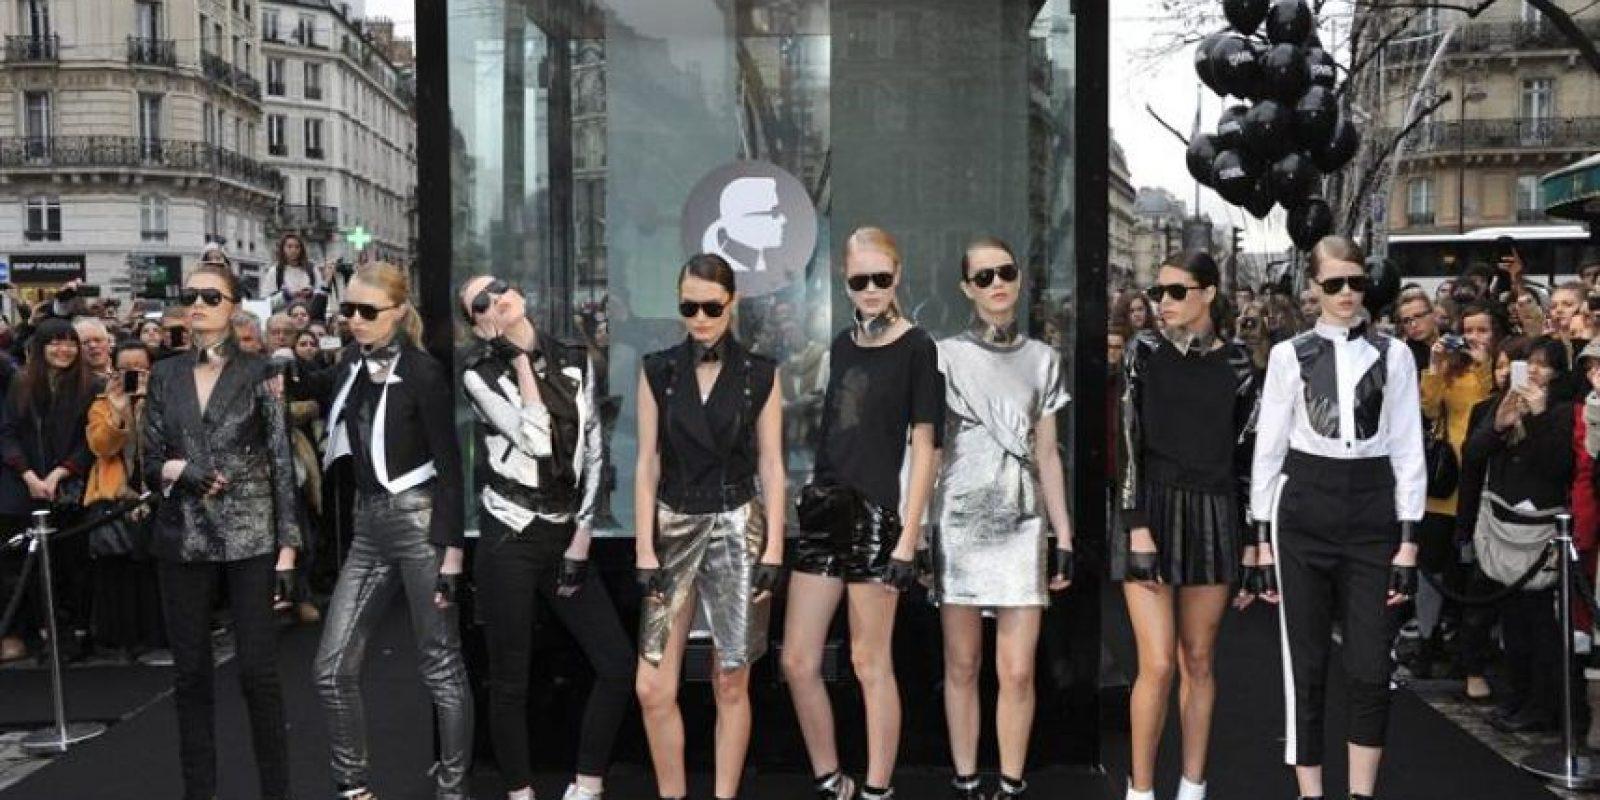 Unas modelos posan durante la presentación de la colección KARL que coincidió con la tercera y última jornada de desfiles de Alta Costura de París. Foto:EFE